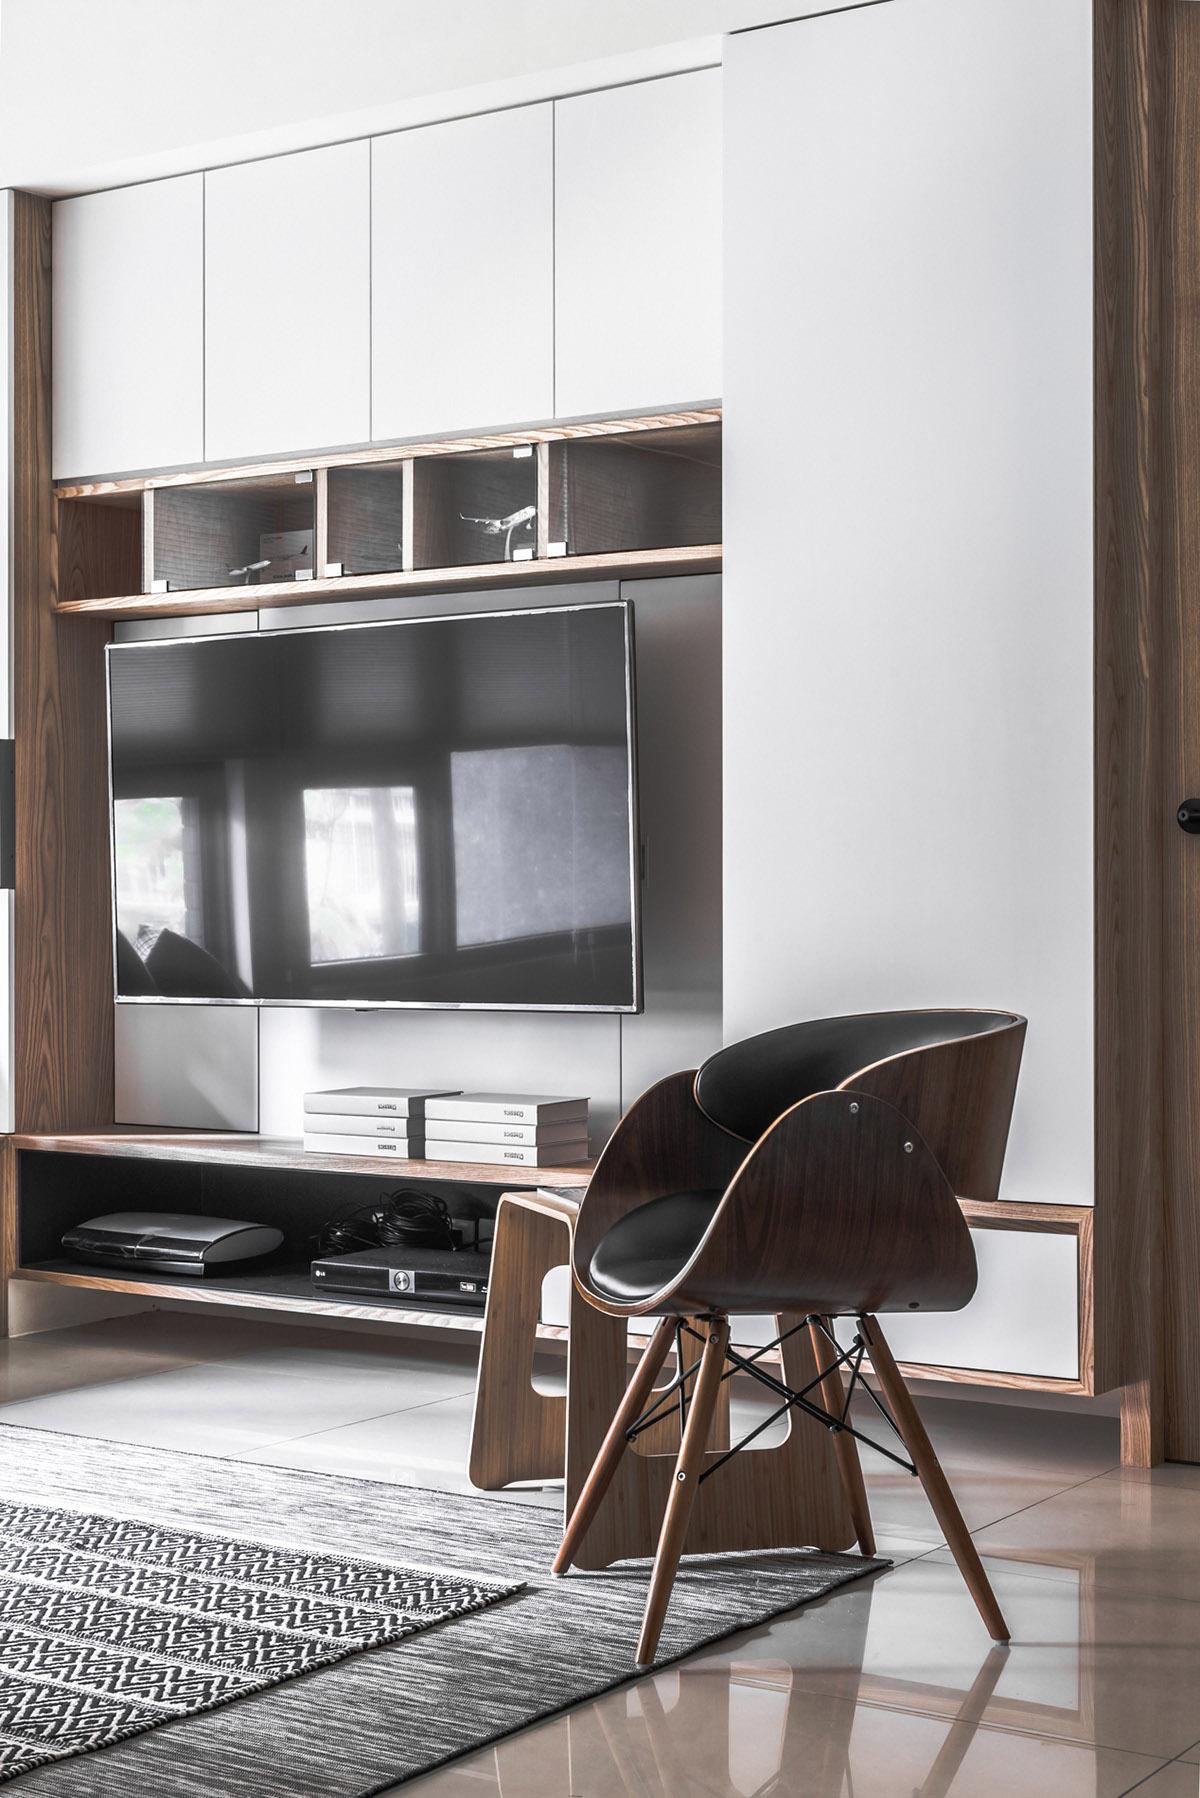 Các ý tưởng về thiết kế nội thất - beautiful accent chair